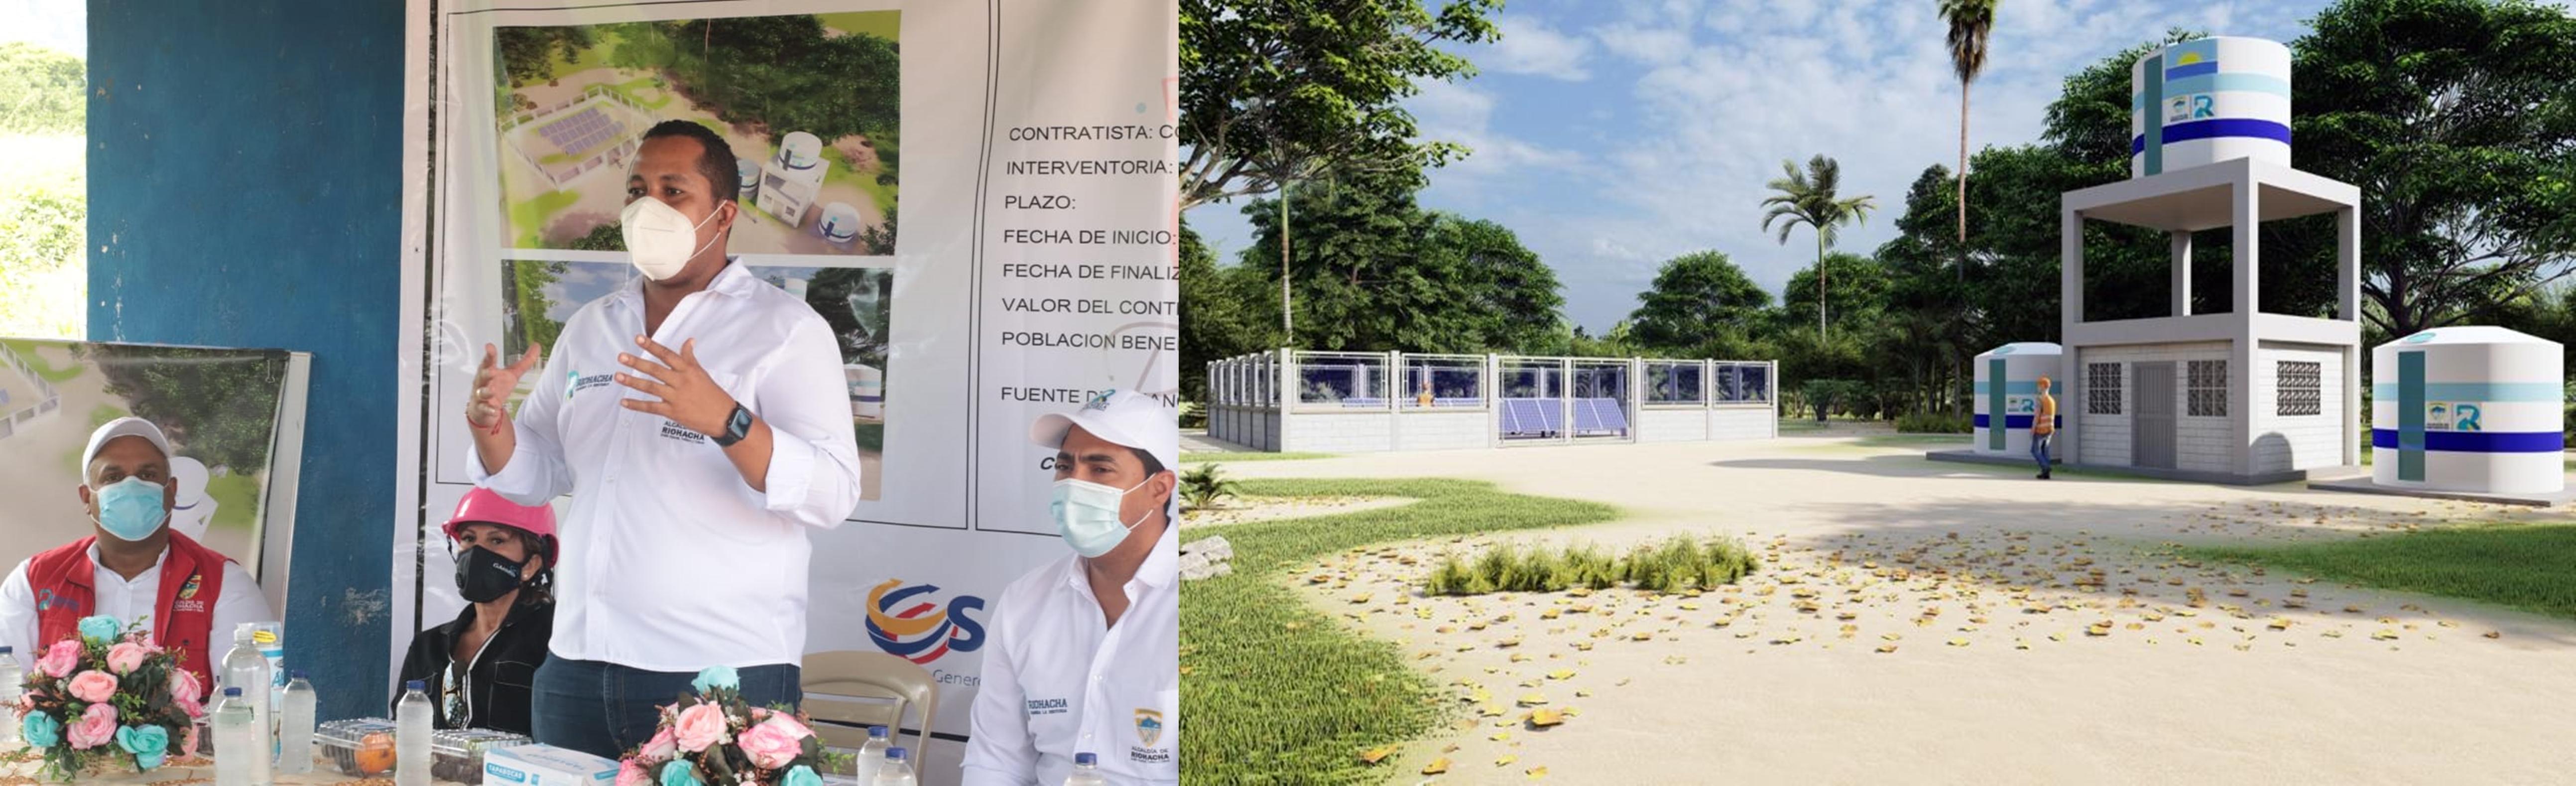 hoyennoticia.com, José Bermudez Cotes: ´La Arena' tendrá agua 24 horas al día